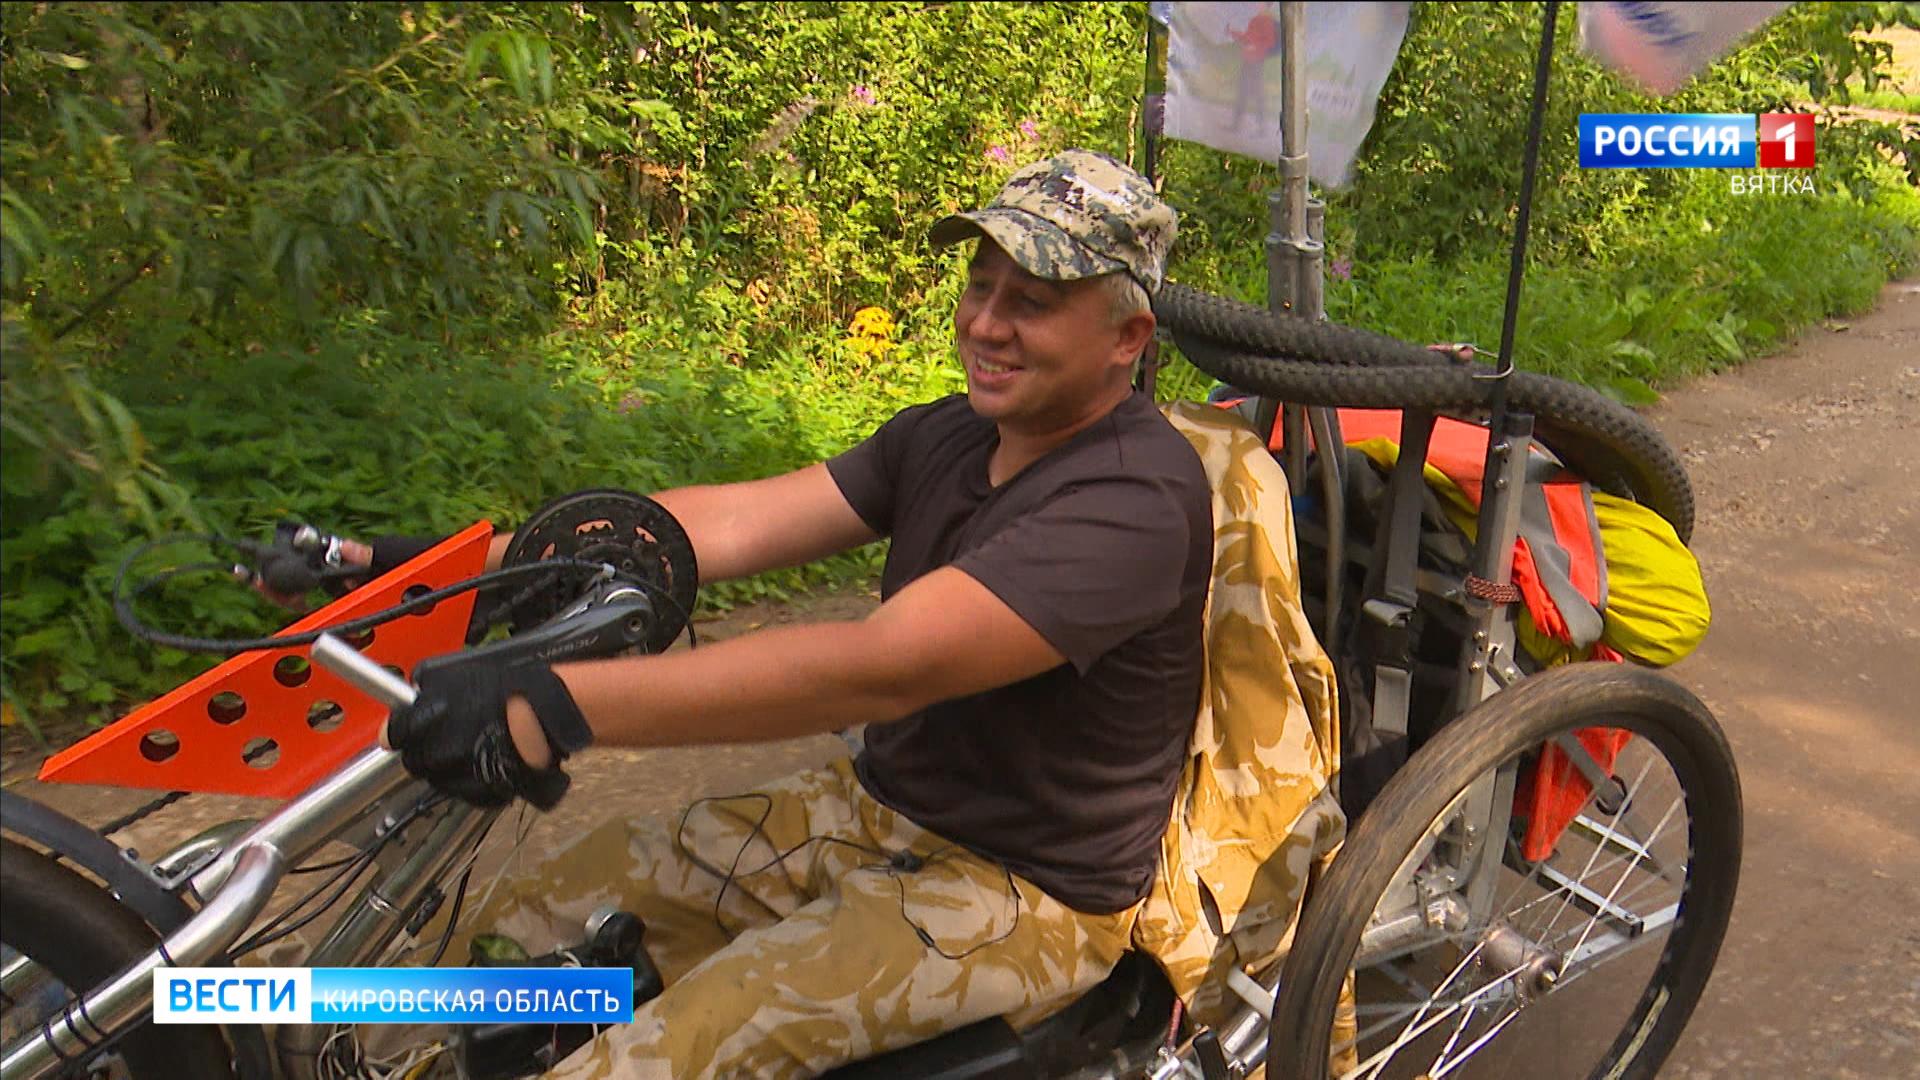 Путешественник и блогер Евгений Кутузов, преодолевший путь из Грязи в Князи, поделился впечатлениями